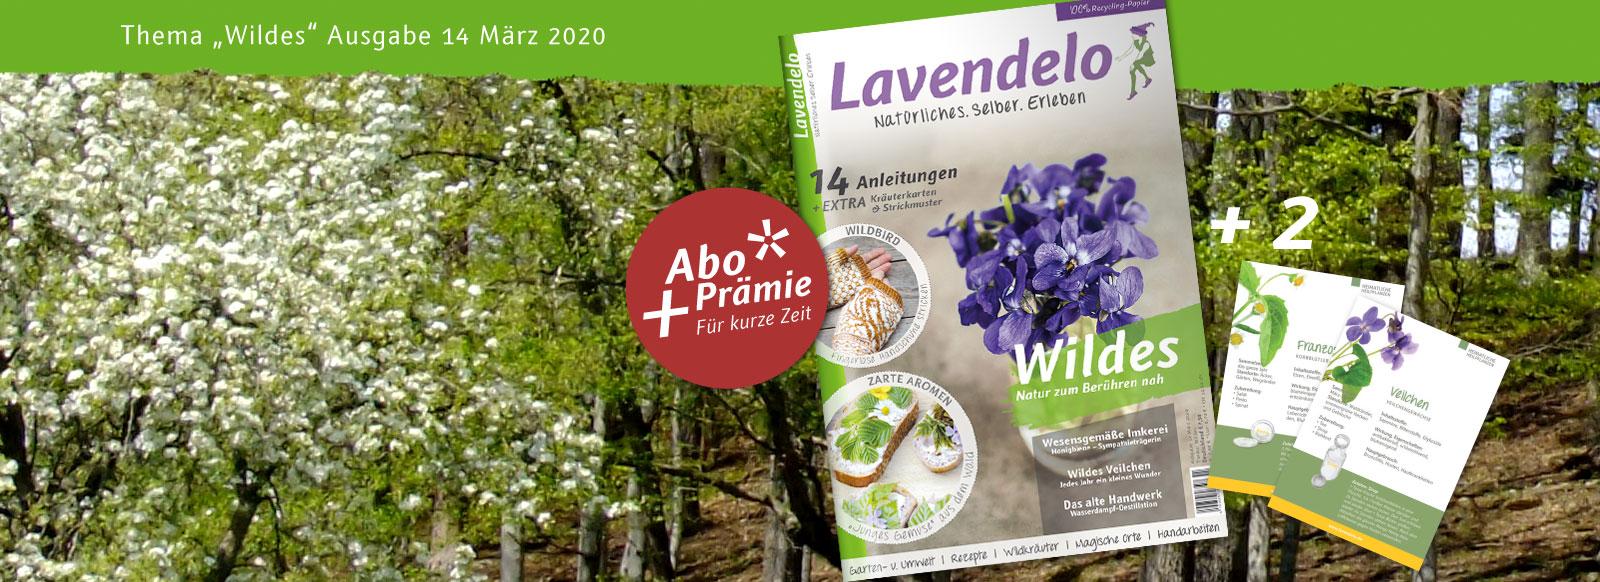 Lavendelo 14, Wildes mit Prämien